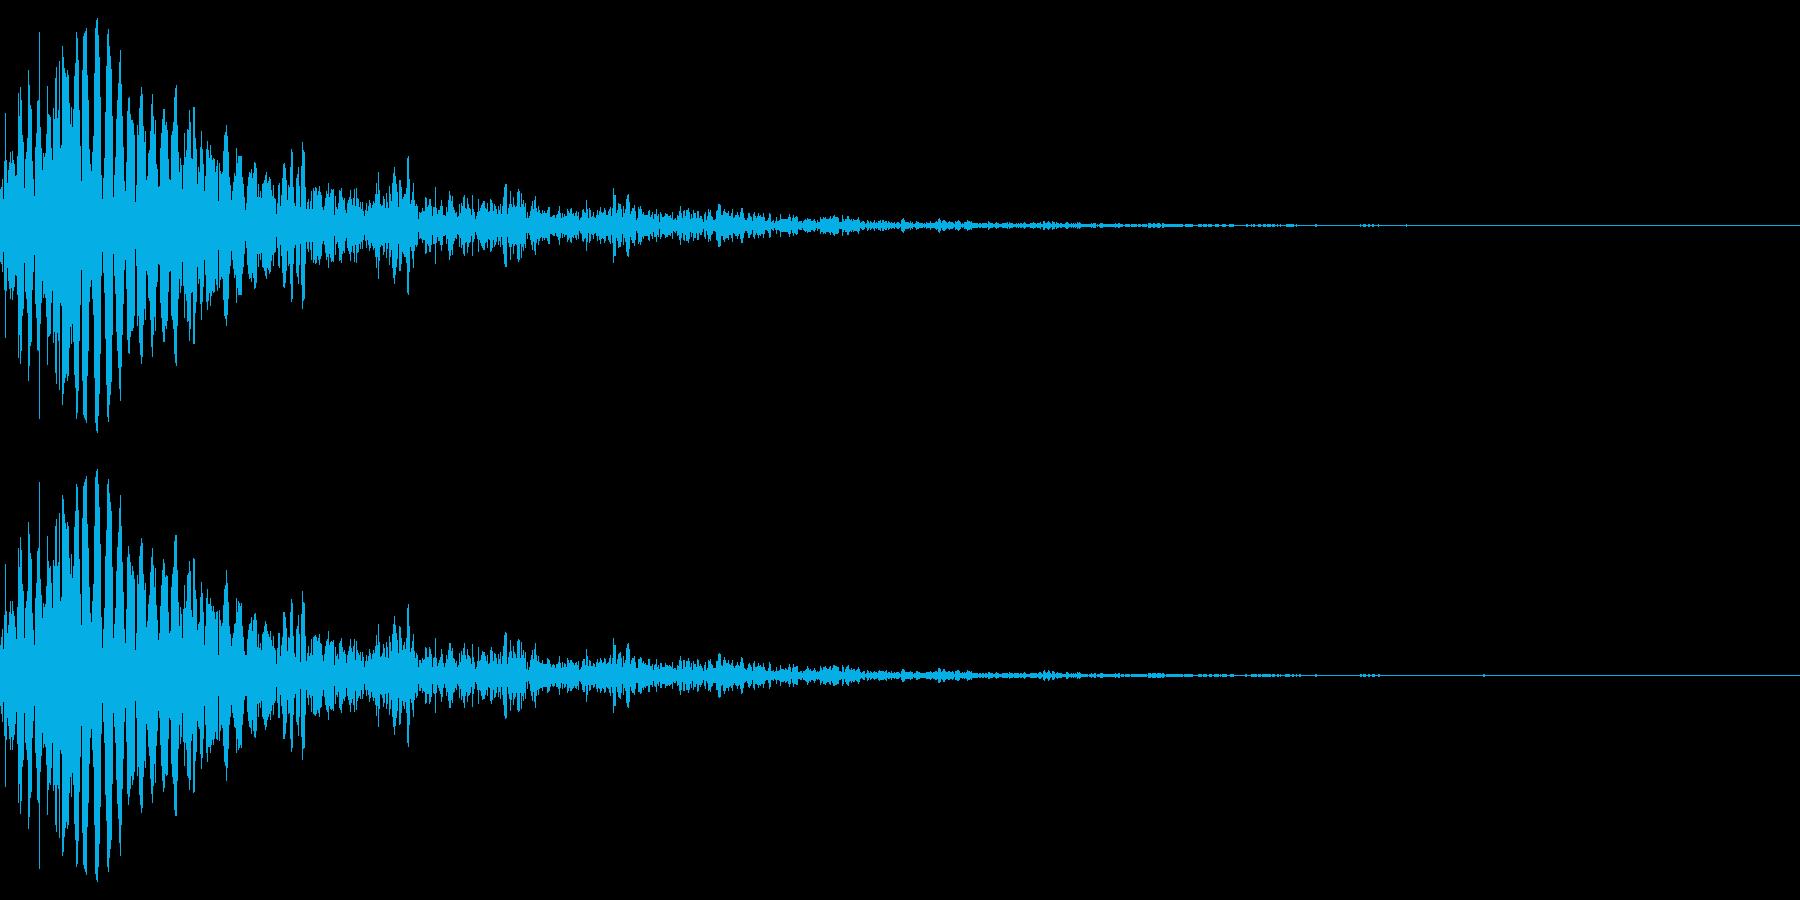 SFメカ等の衝撃音。の再生済みの波形